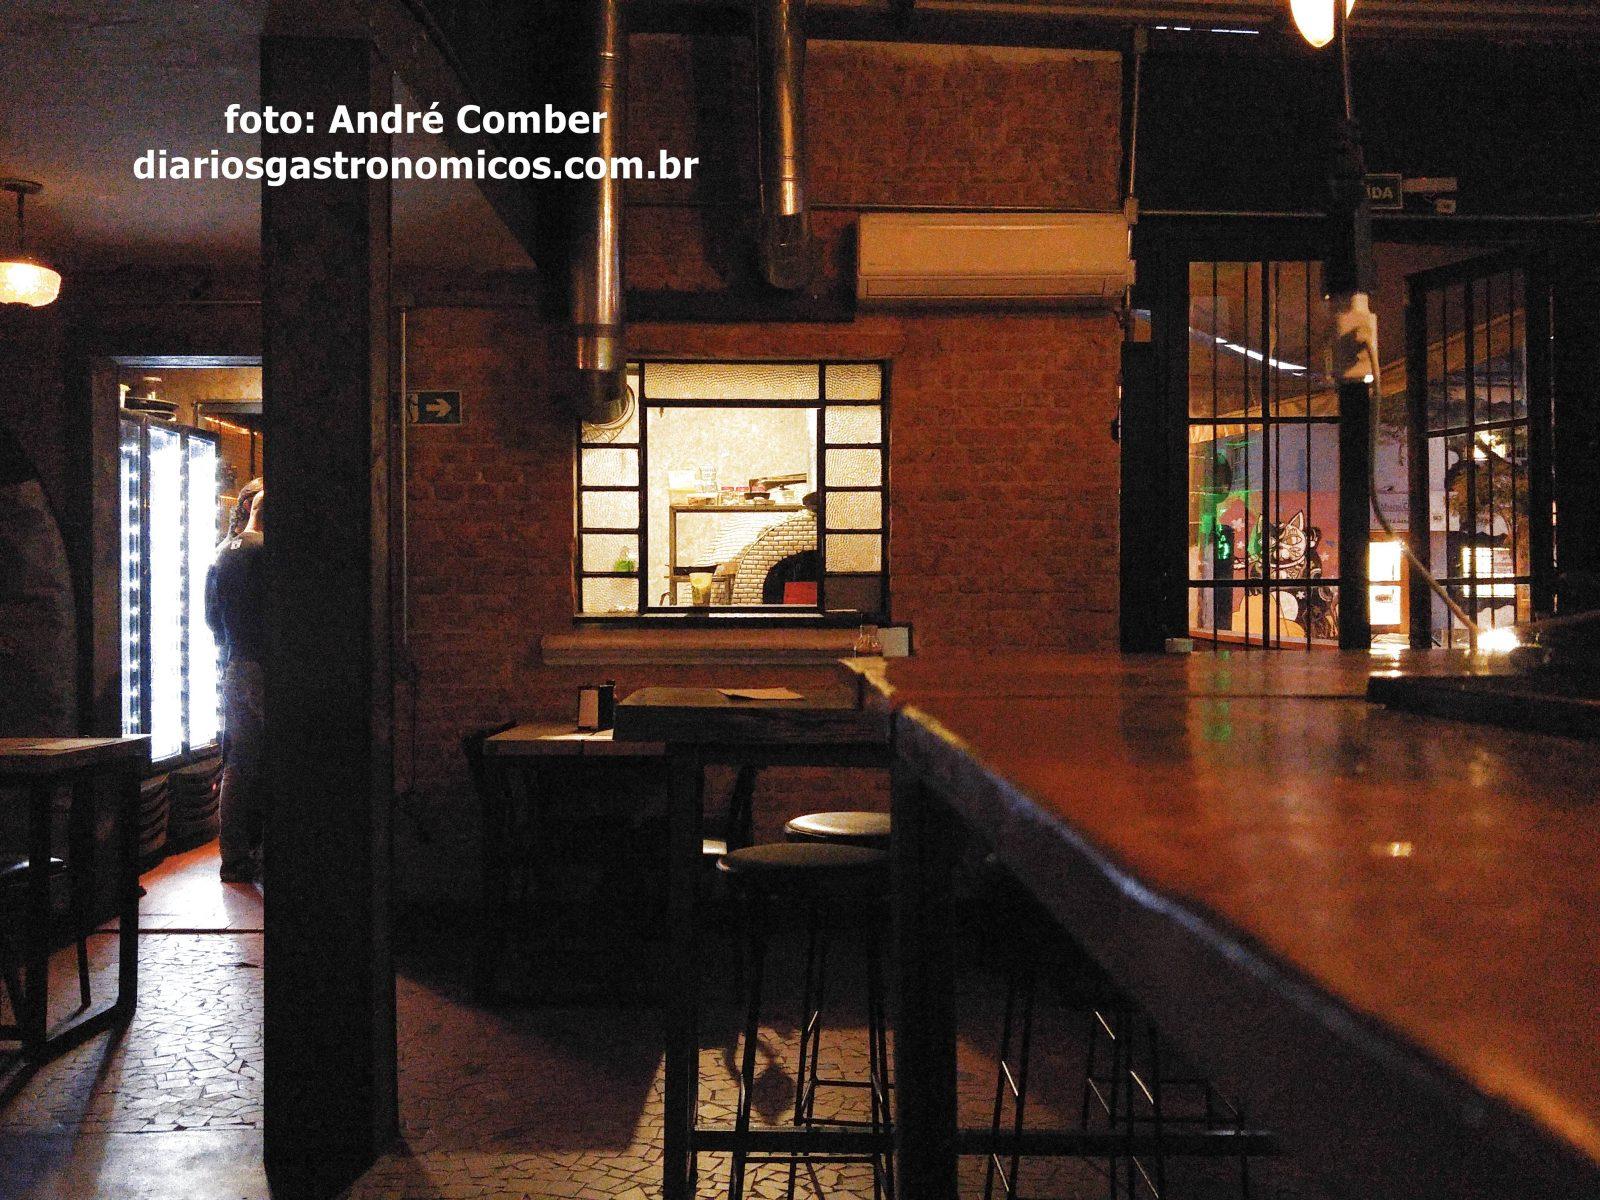 Guarita Bar, bairro de Pinheiros